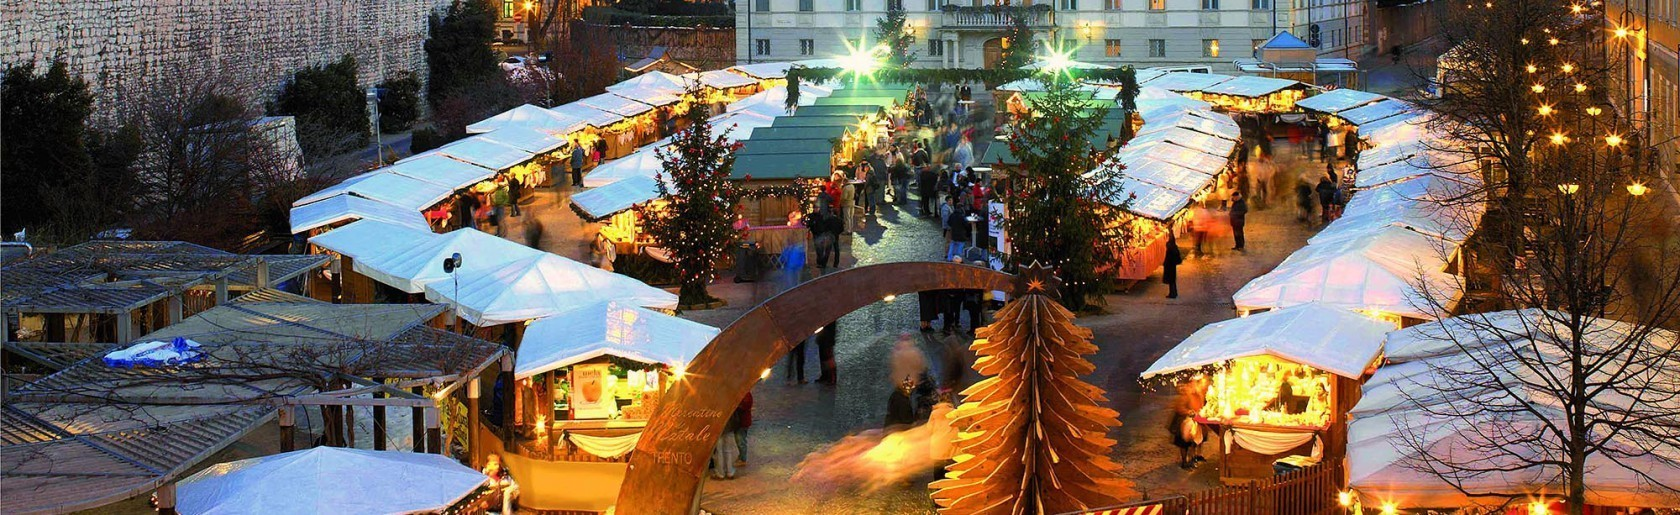 Mercatini di Natale in Trentino: Trento, Val di Fiemme e Valsugana